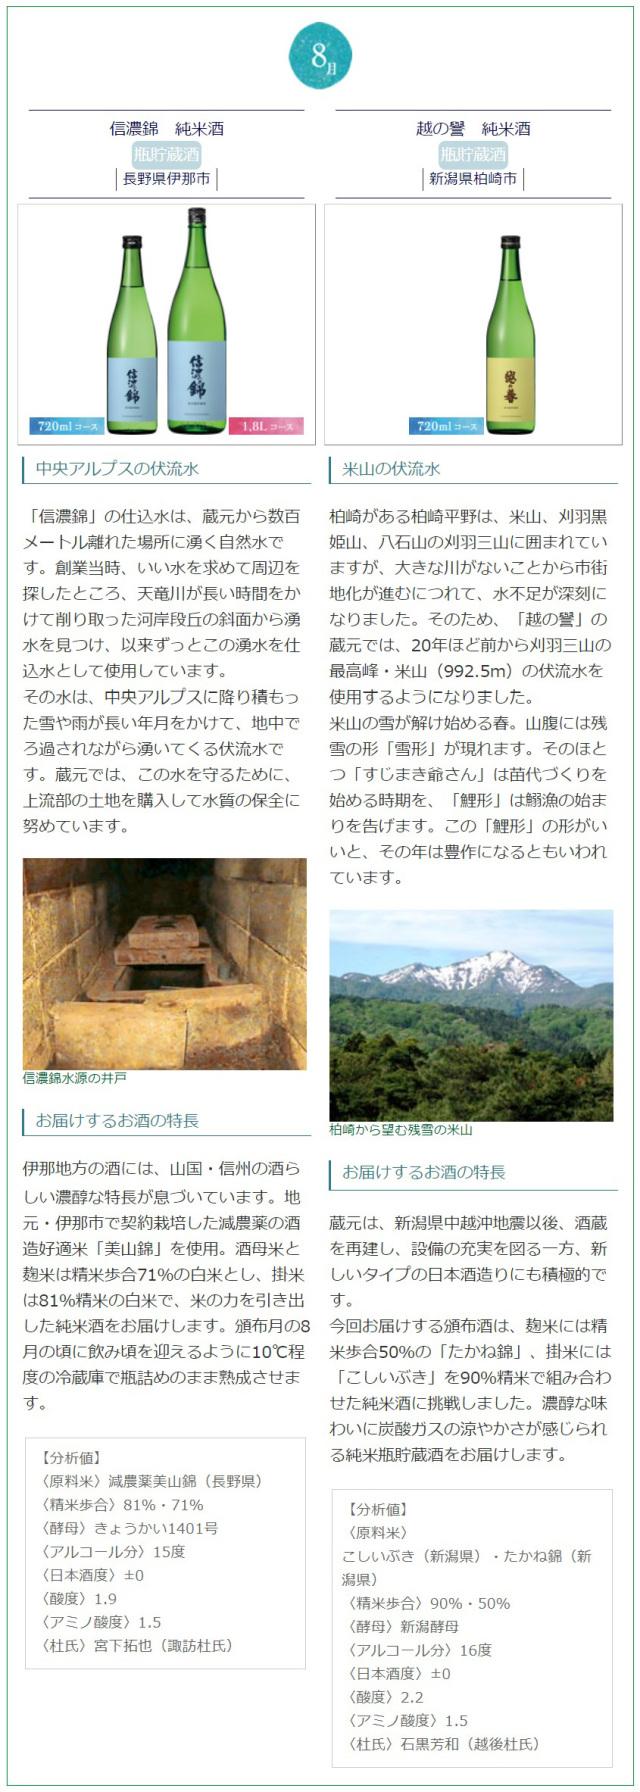 日本名門酒会頒布会2021年夏8月